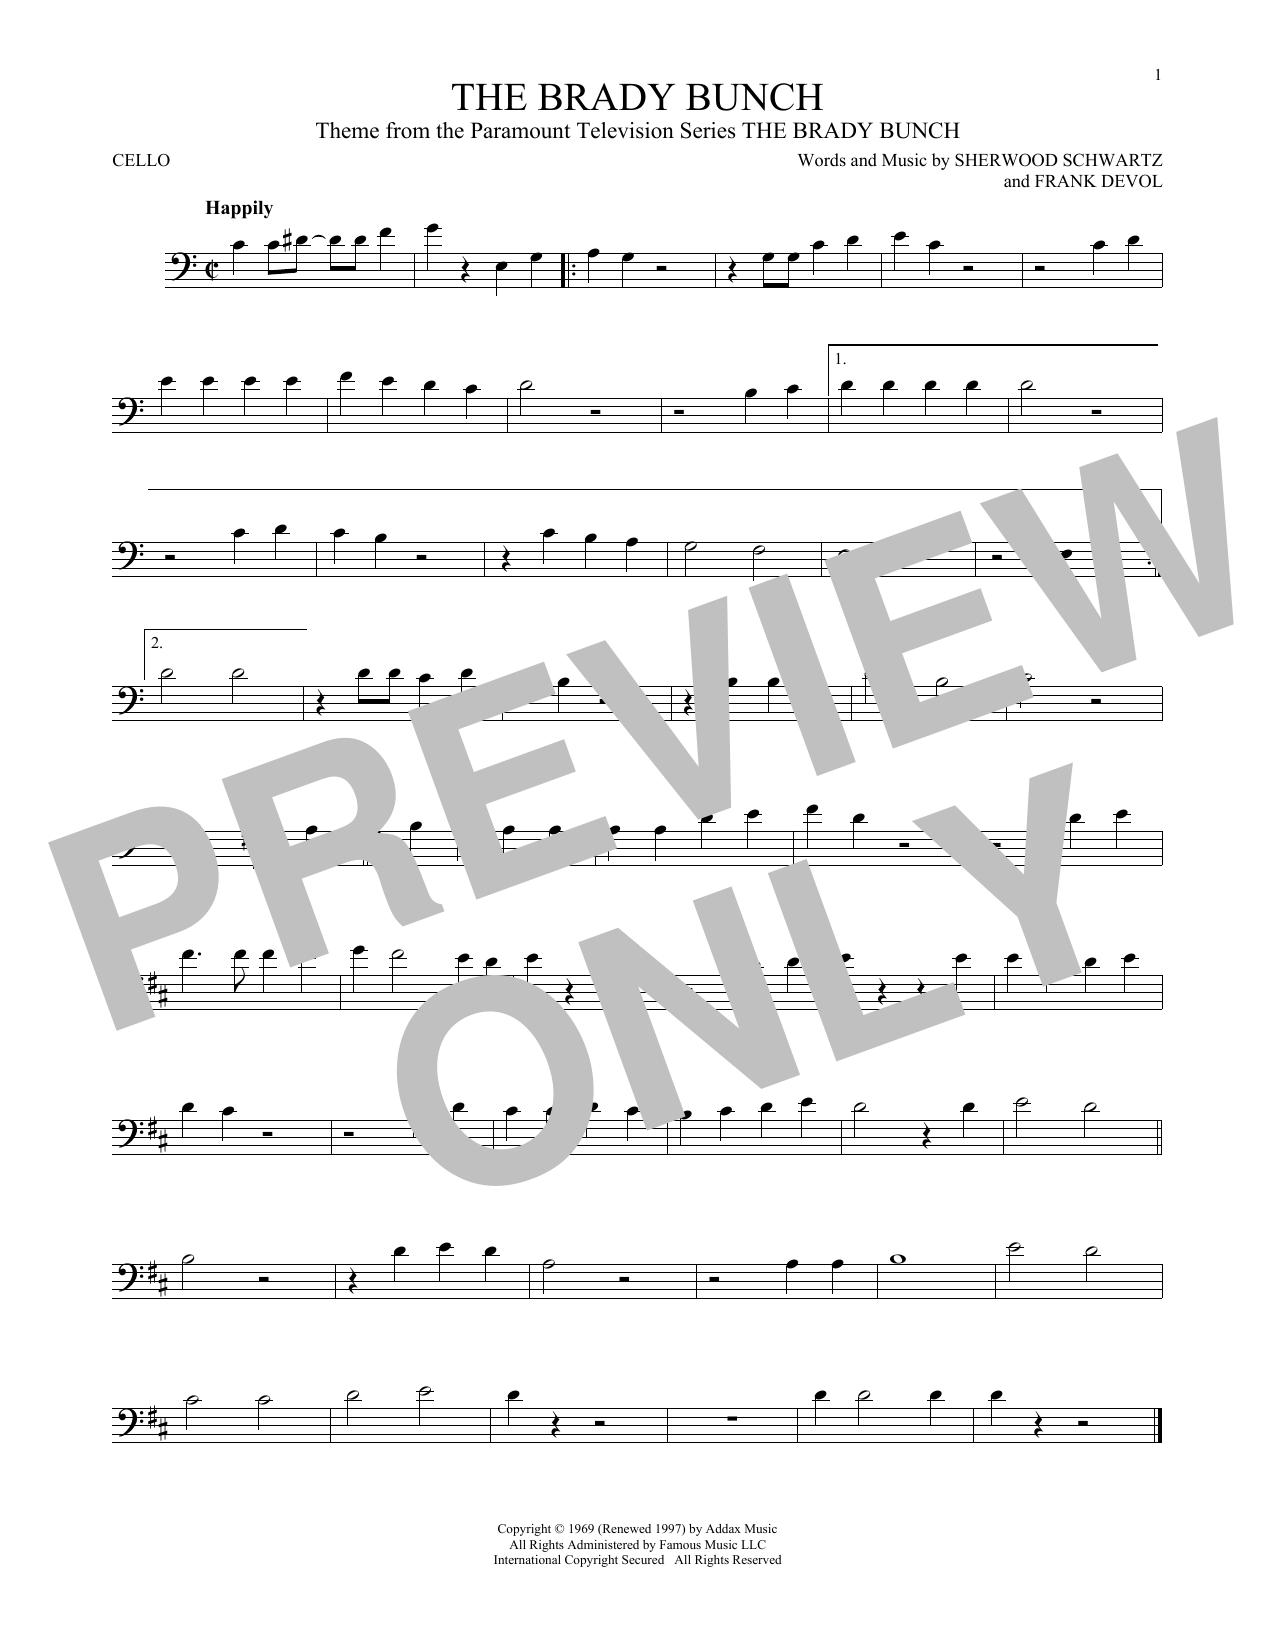 The Brady Bunch Sheet Music